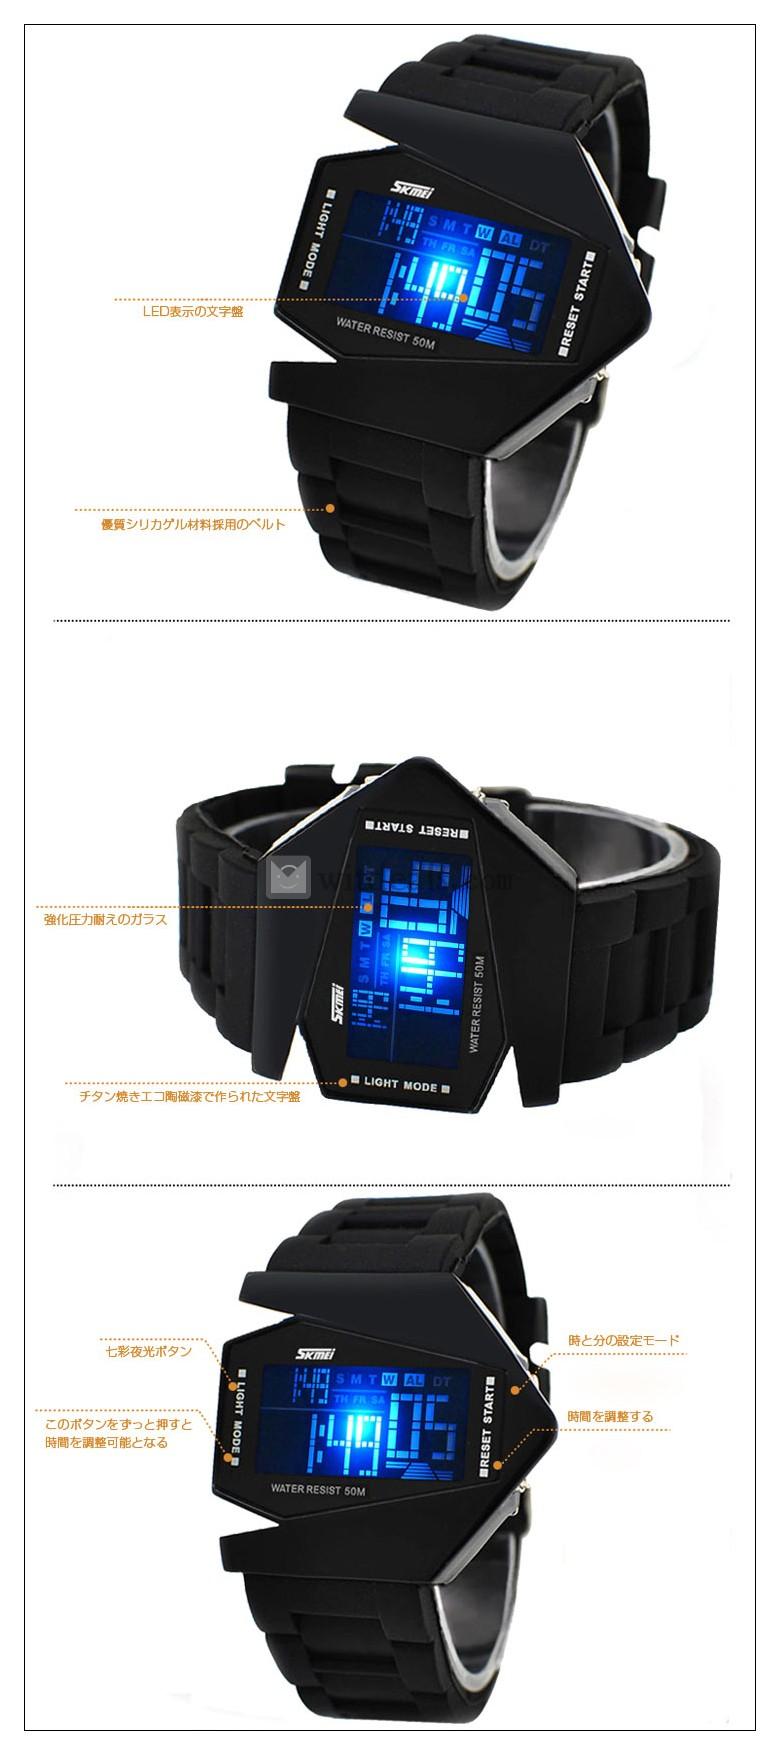 腕時計 デジタル LED腕時計 デジタル腕時計 電子腕時計 可愛い 腕時計 男女兼用 ブラック